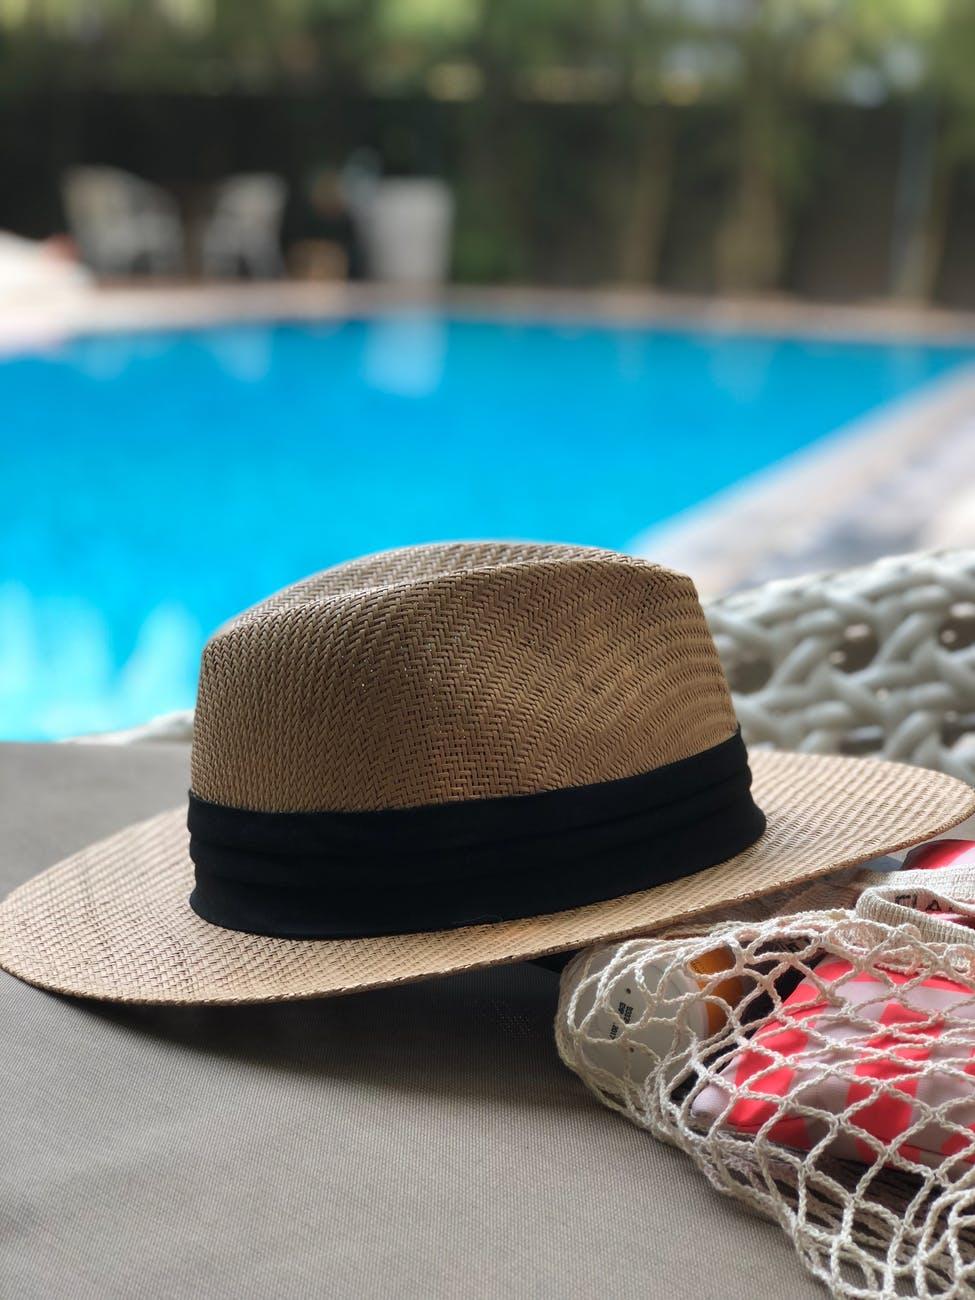 Pool Installation Company in Miami